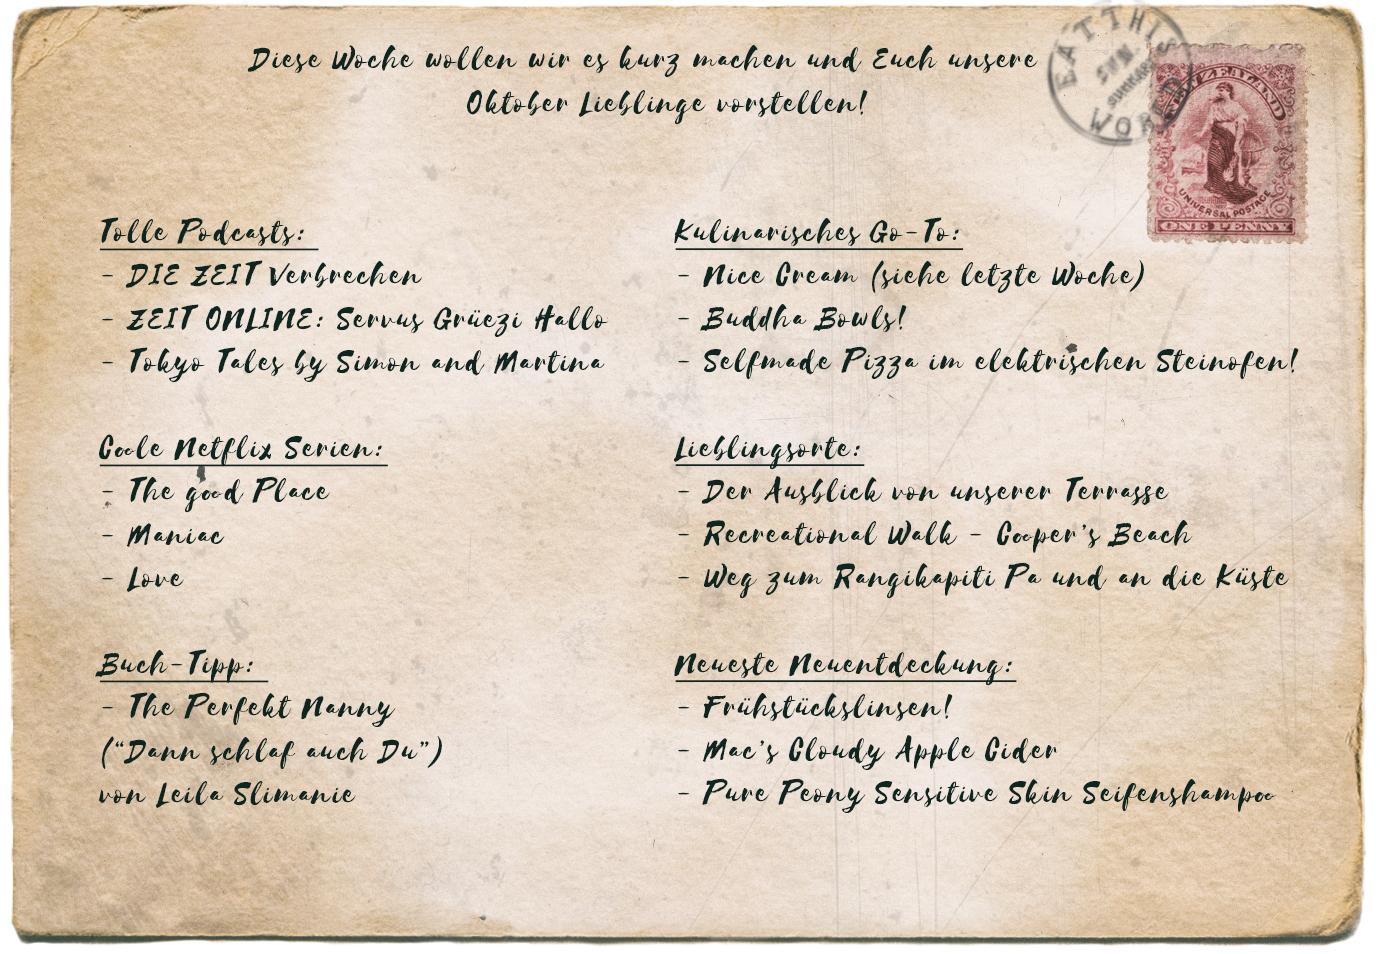 Für bessere Lesbarkeit auf die Postkarte klicken ;)